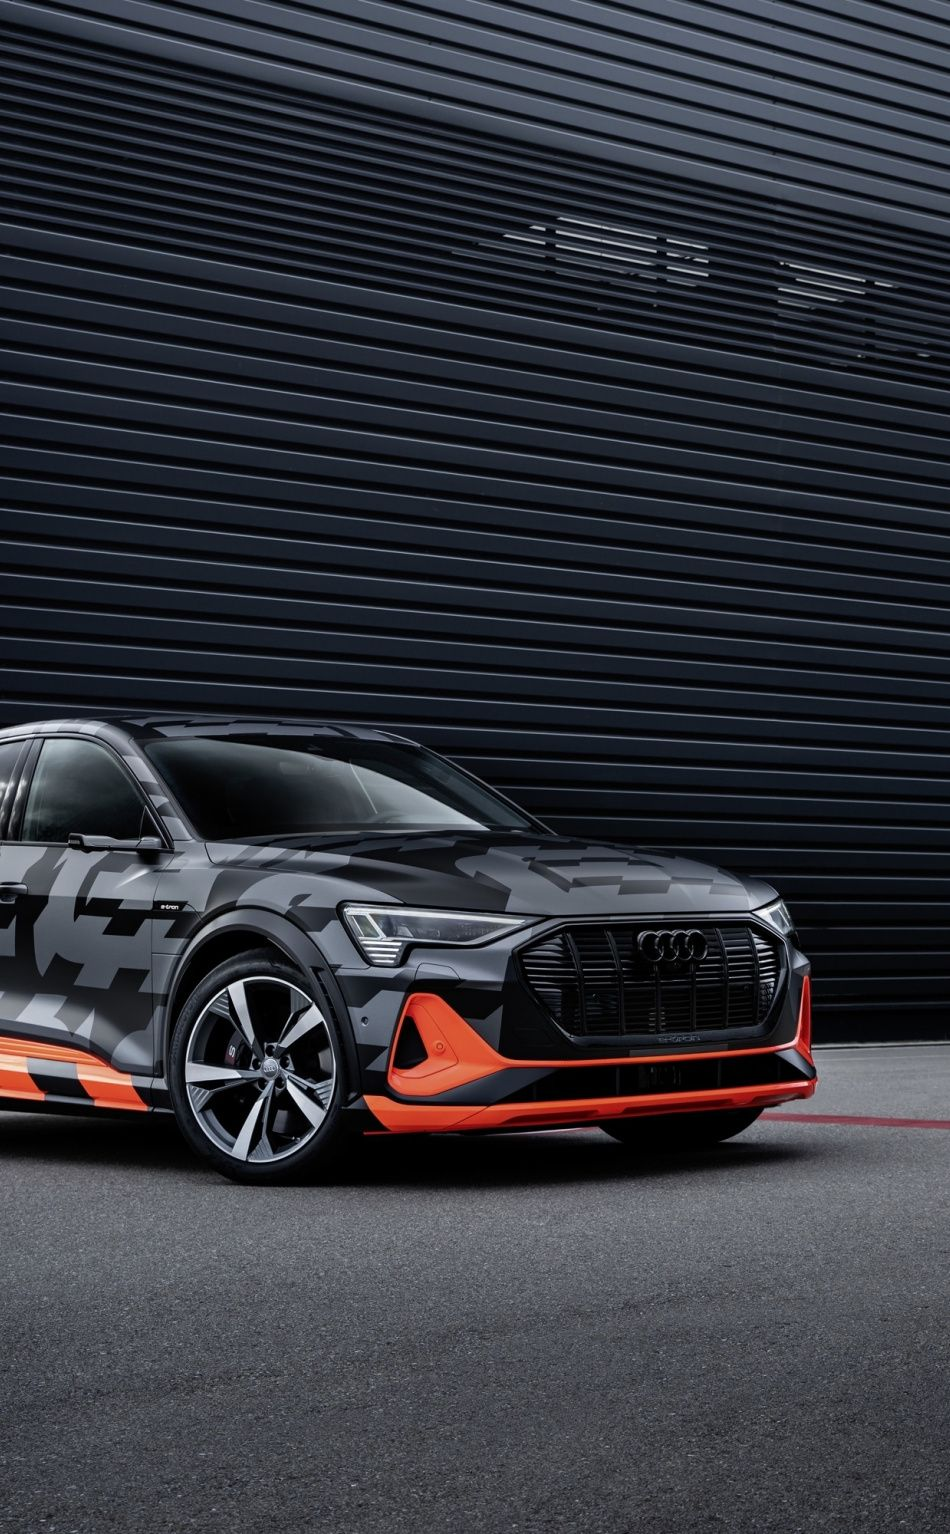 950x1534 Suv Compact Car Audi E Tron Wallpaper In 2020 Audi E